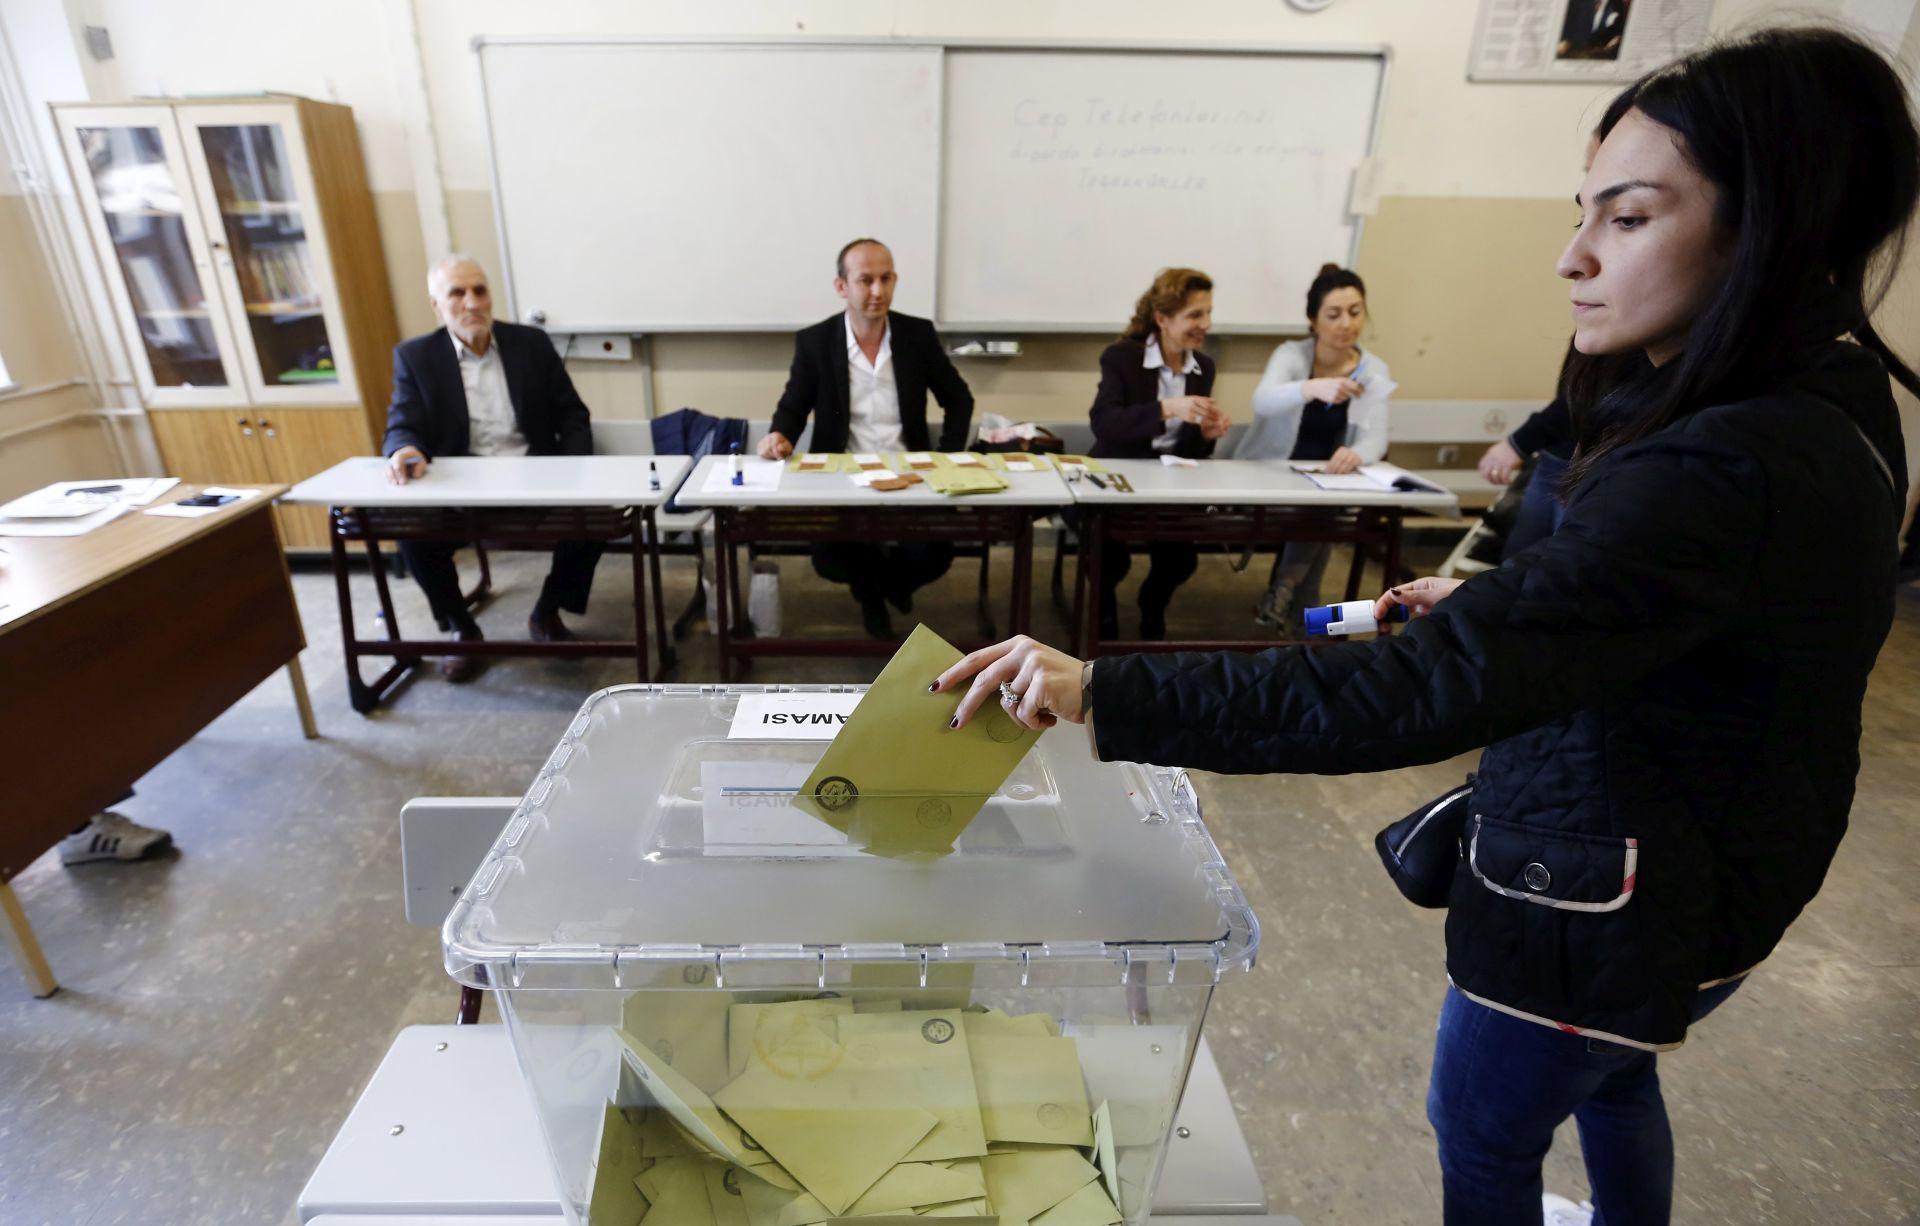 Turci u Njemačkoj, Austriji, Nizozemskoj glasali za ustavne promjene